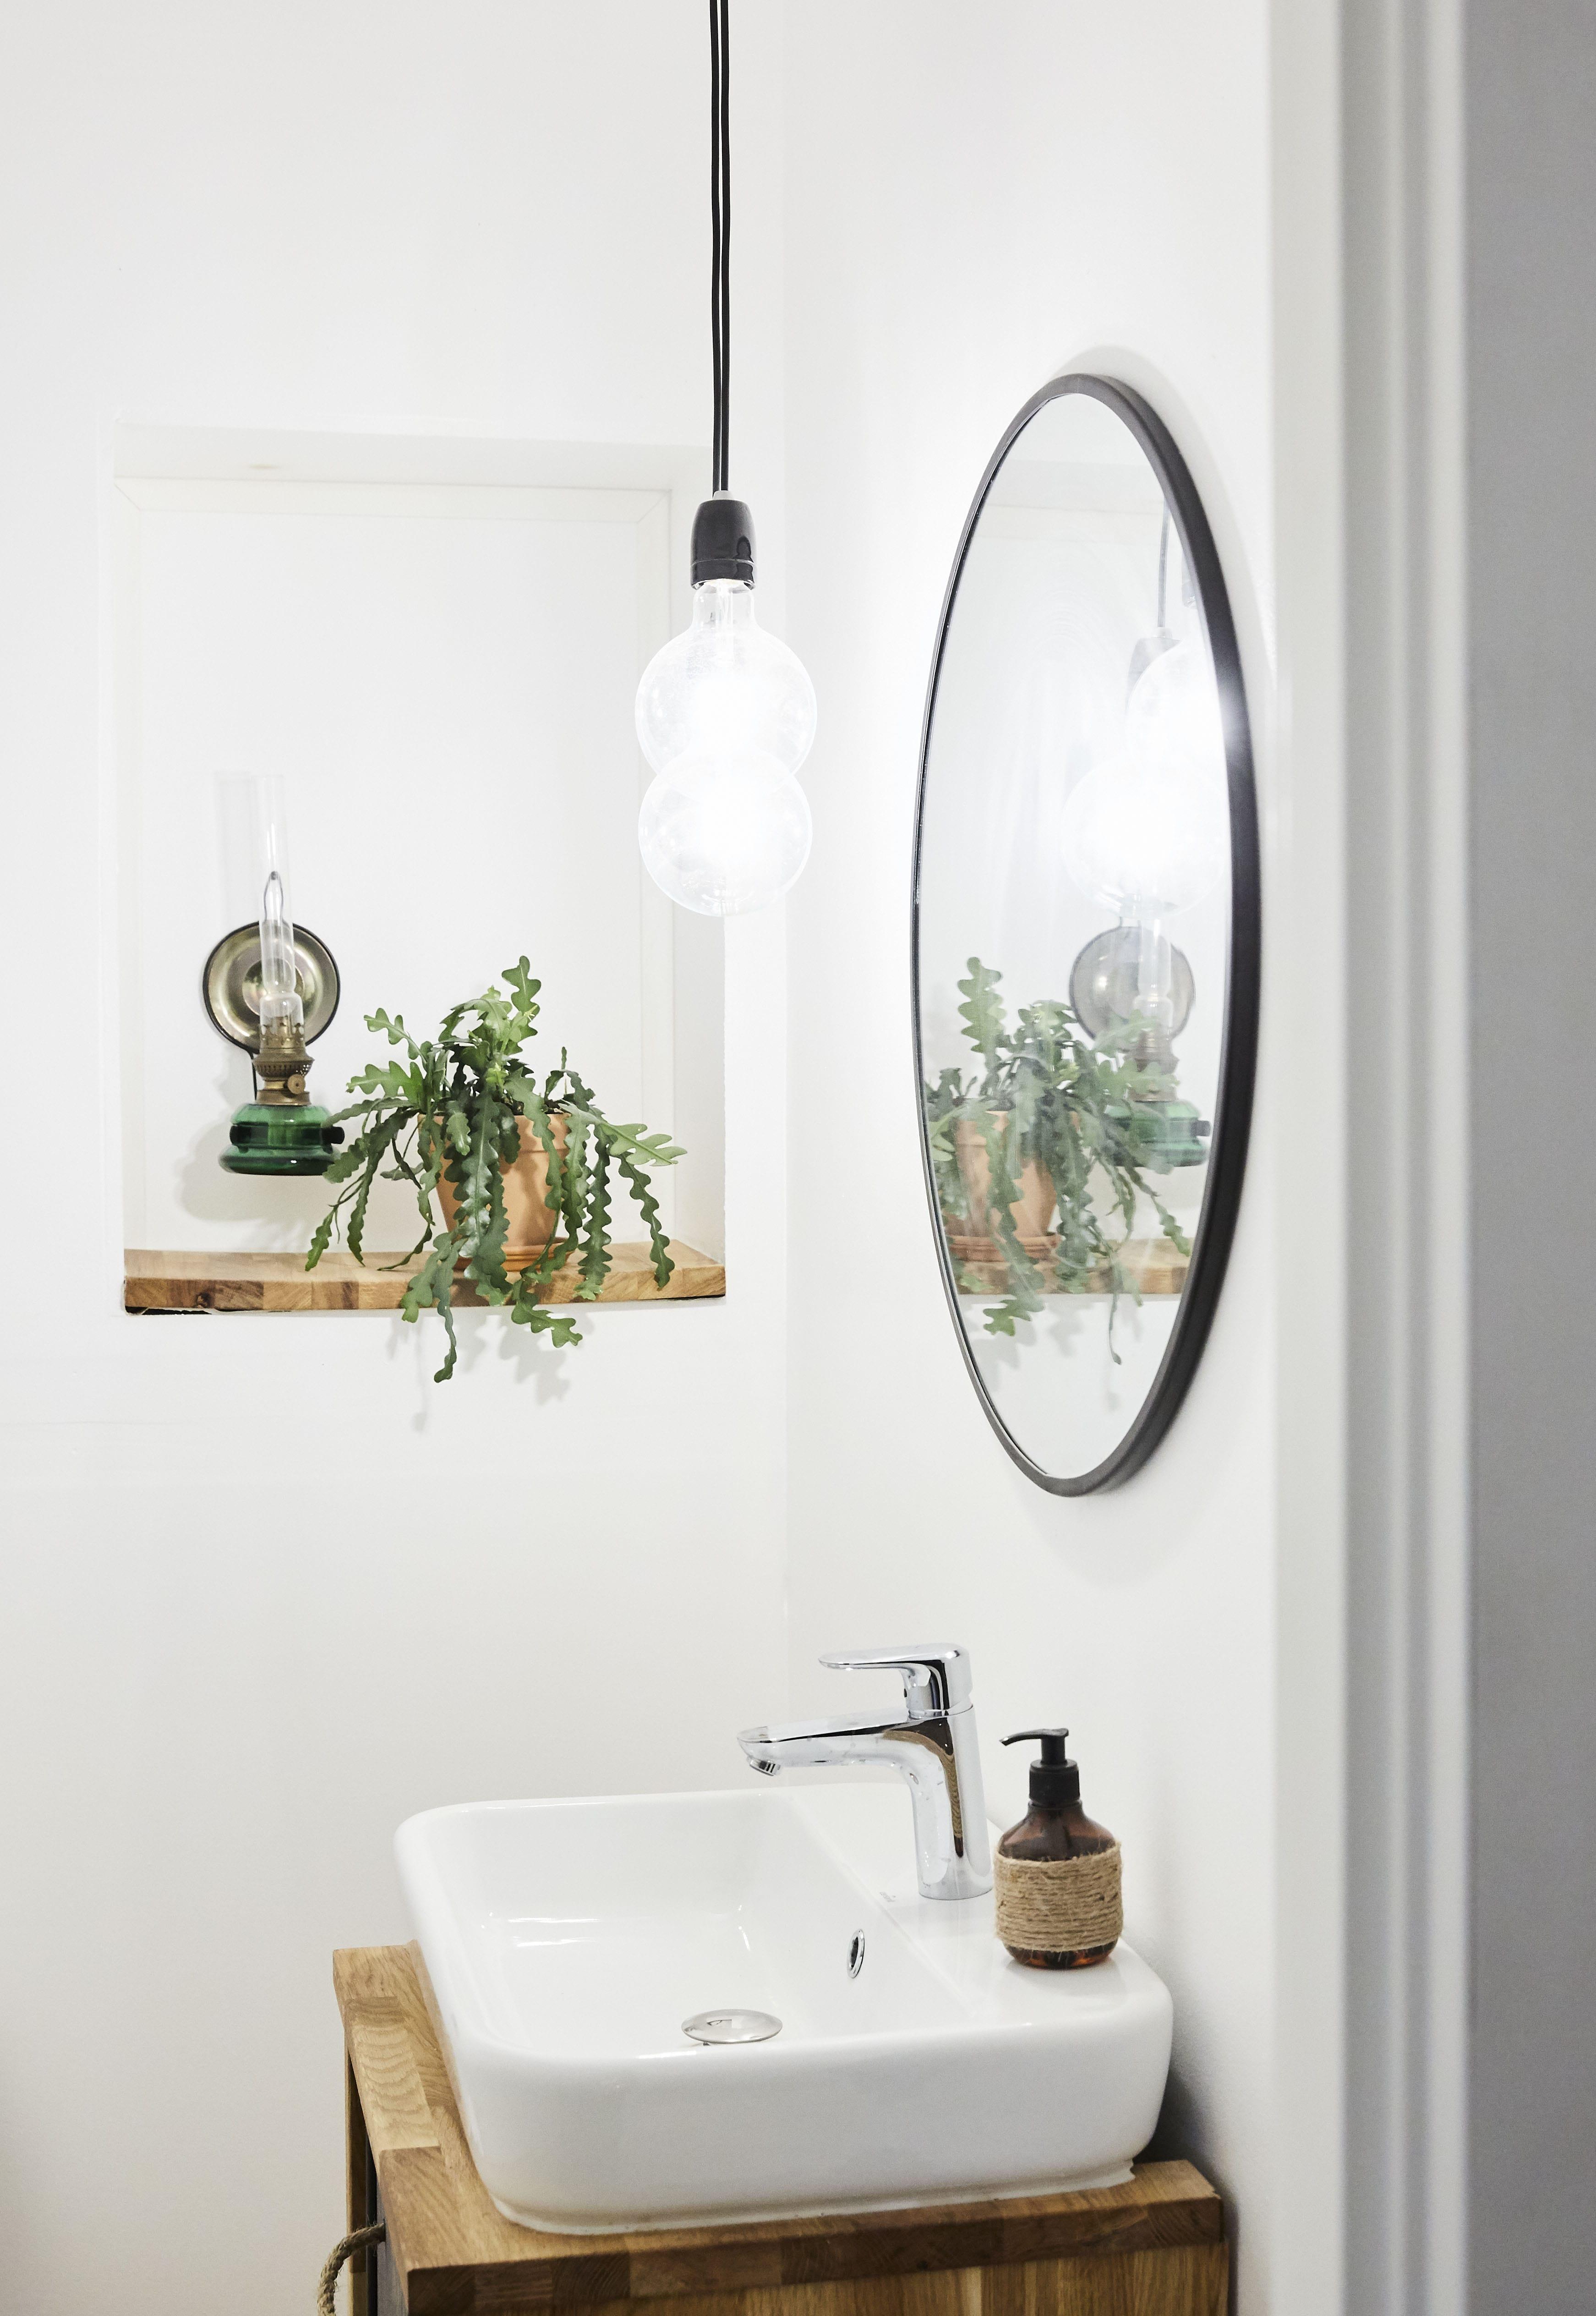 Badeværelsesmøbel af bordplade